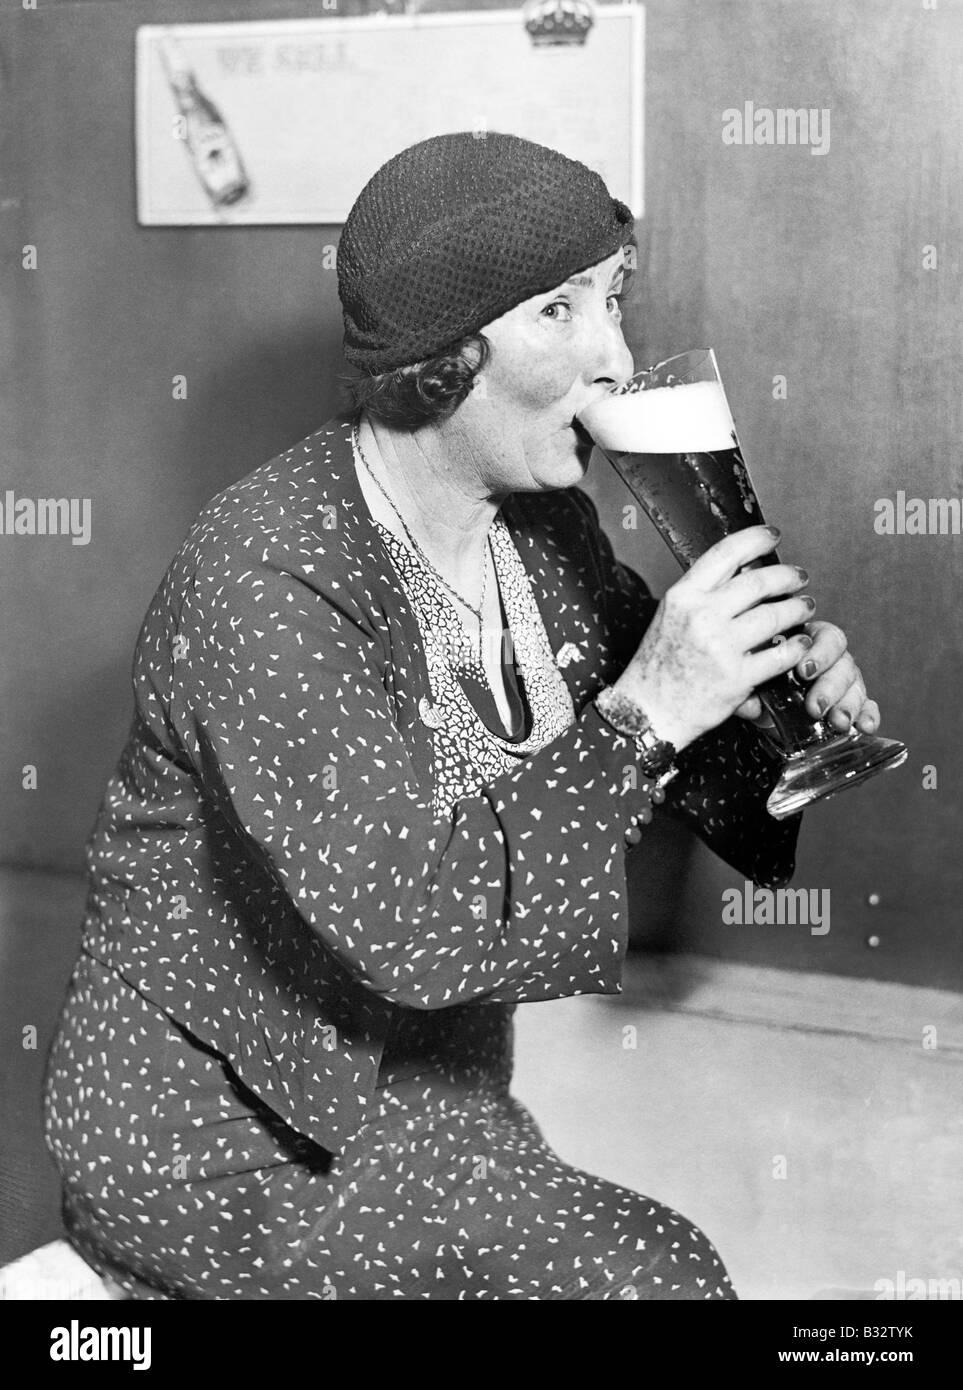 Femme buvant hors d'un grand verre de bière Photo Stock